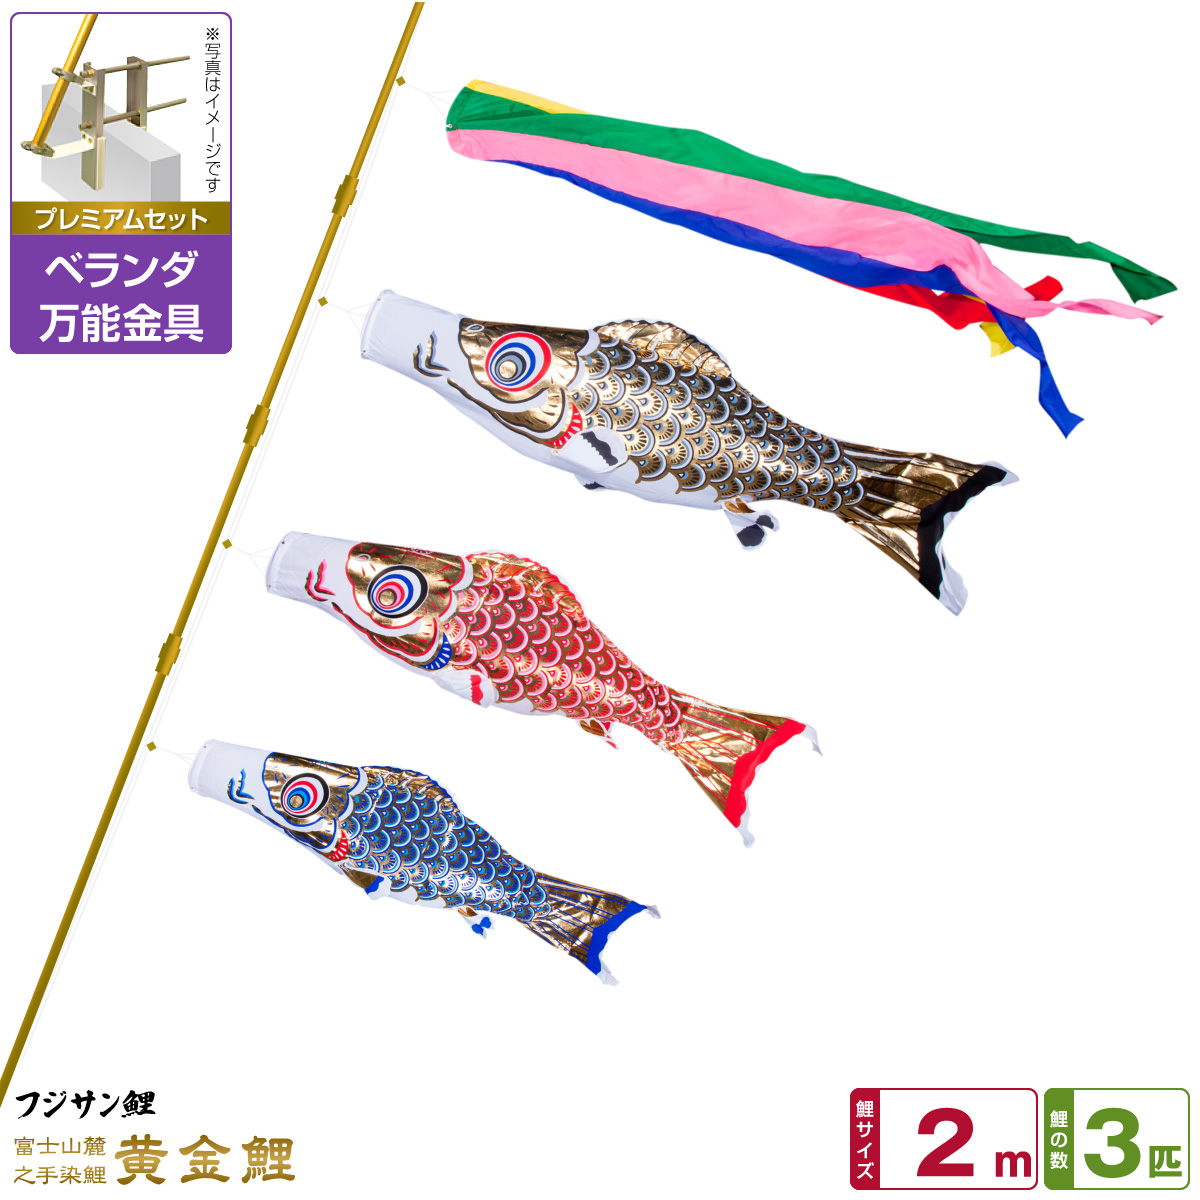 ベランダ用 こいのぼり 鯉のぼり フジサン鯉 黄金鯉 2m 6点(吹流し+鯉3匹+矢車+ロープ)/プレミアムセット(万能取付金具)